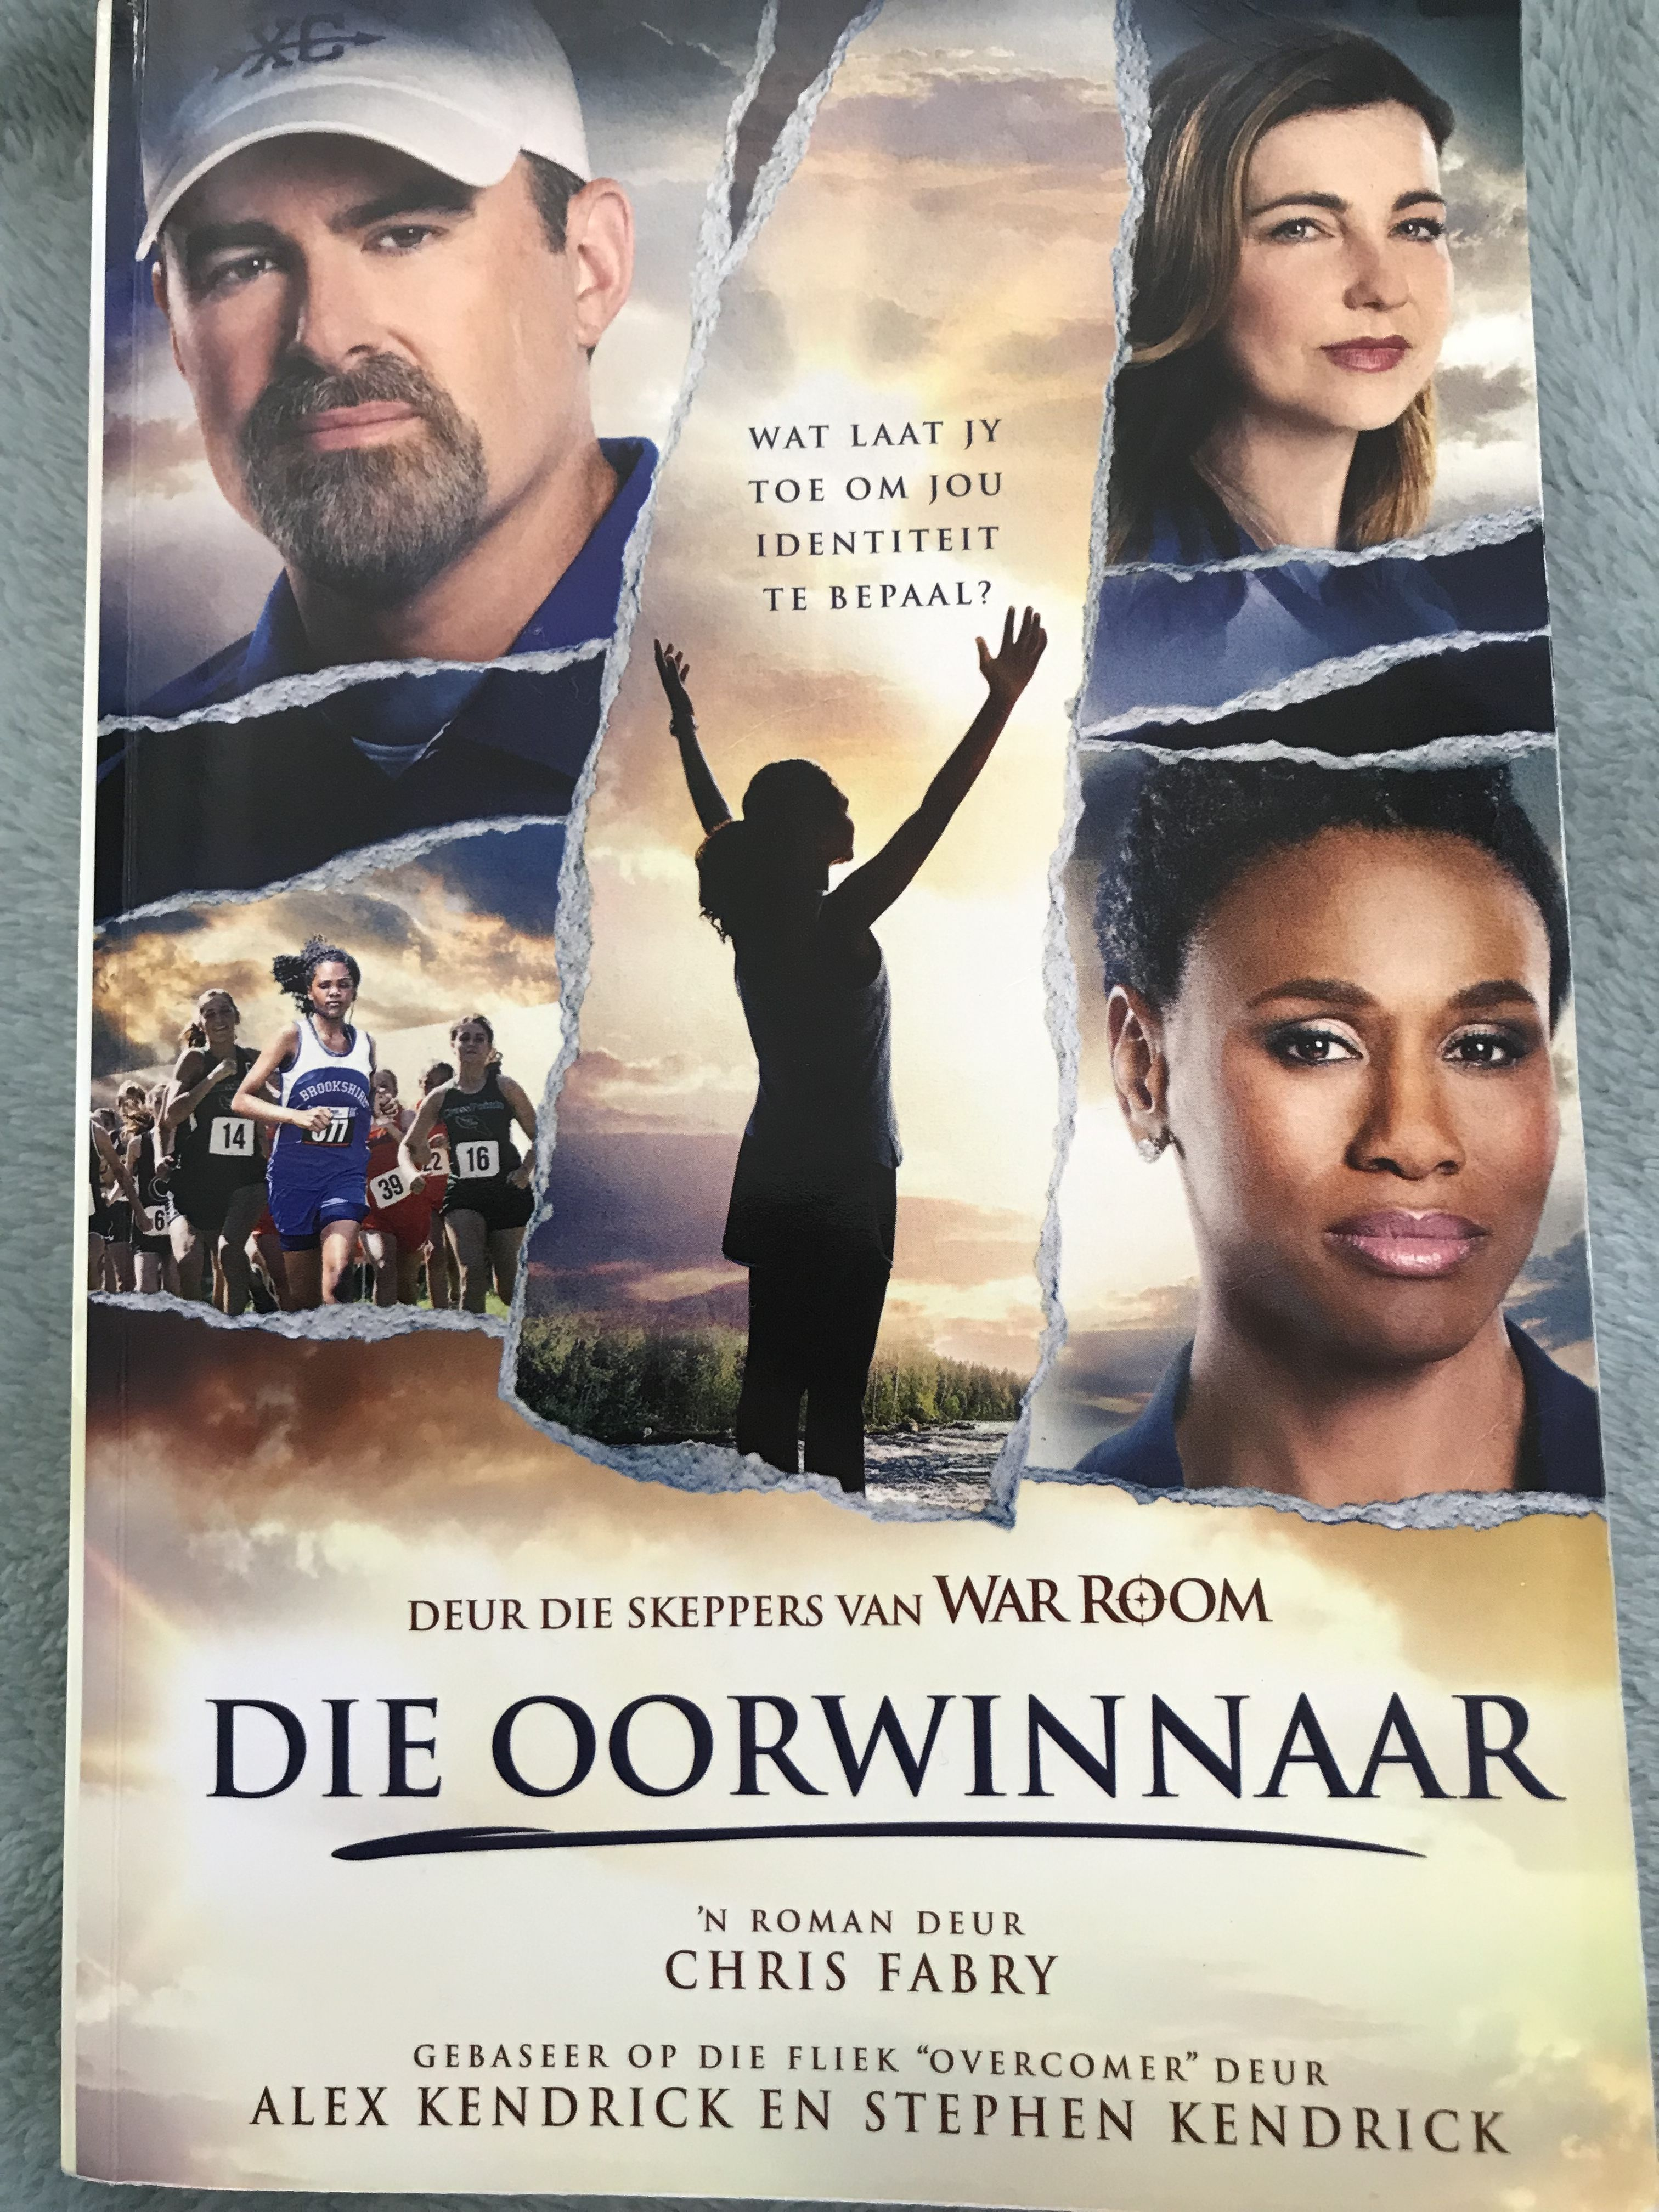 Die Oorwinnaar Movie bible study, Bible study, Bible